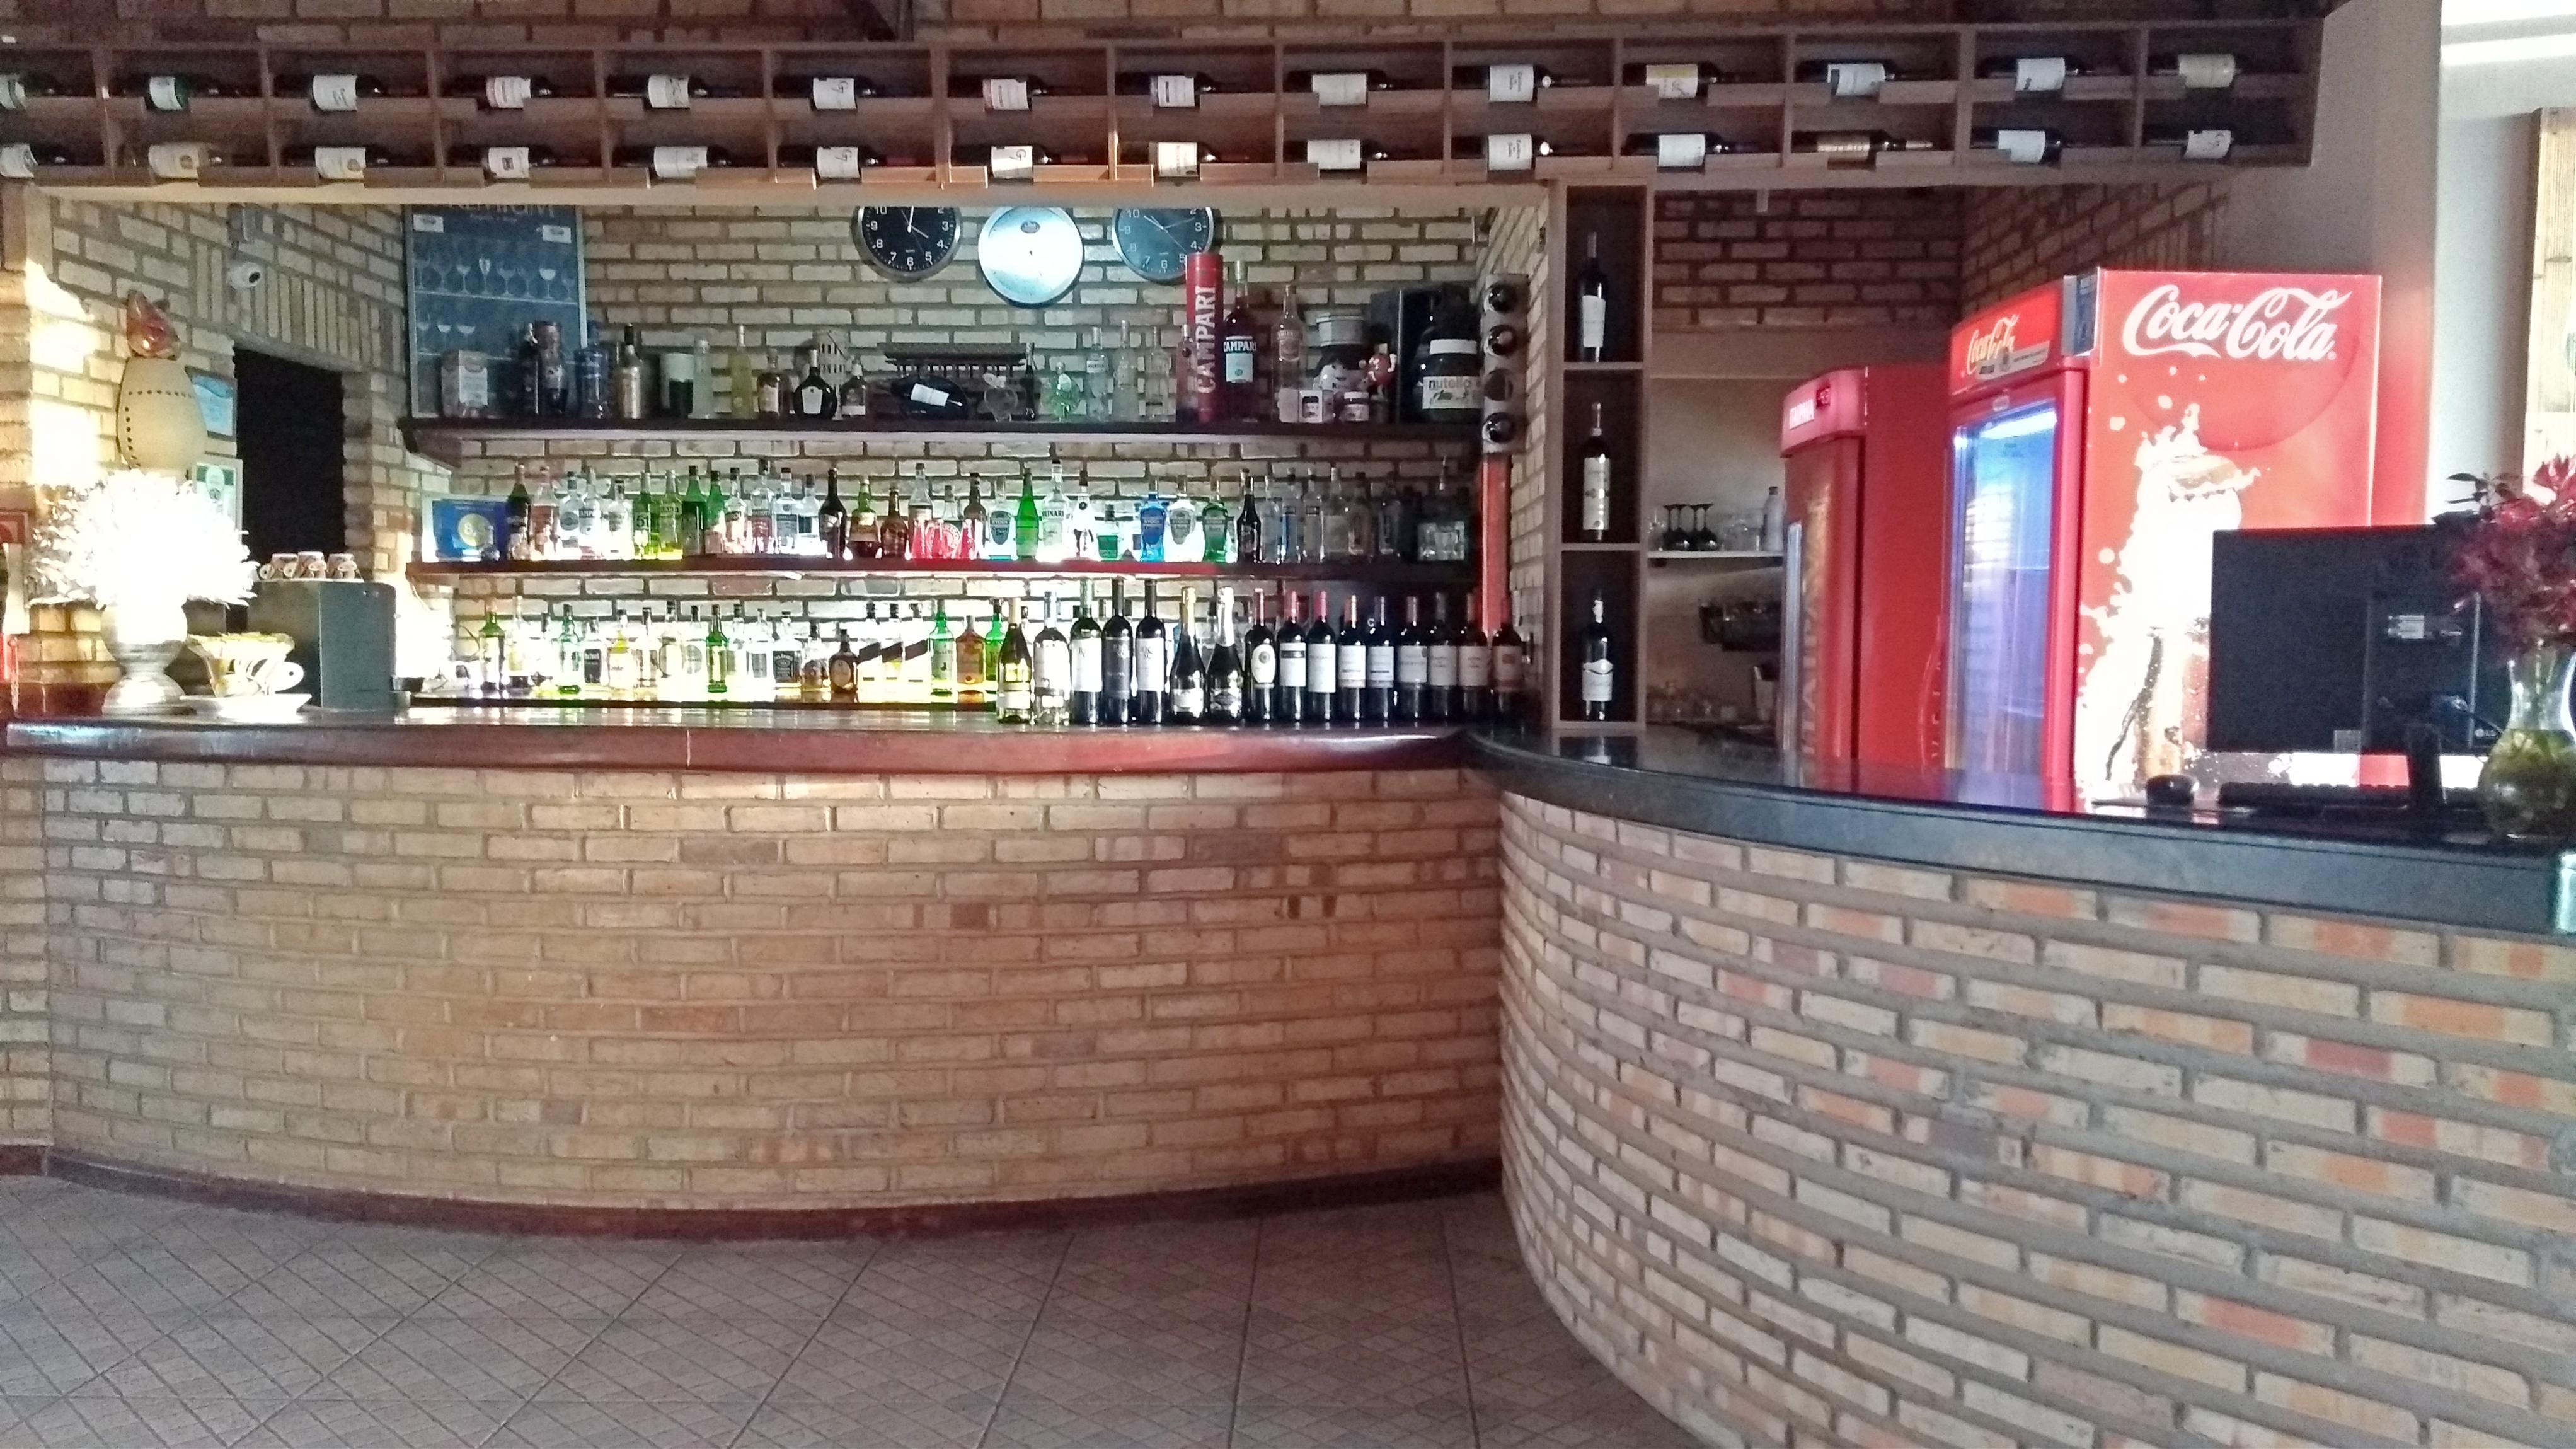 Recepção pousada e restaurante.